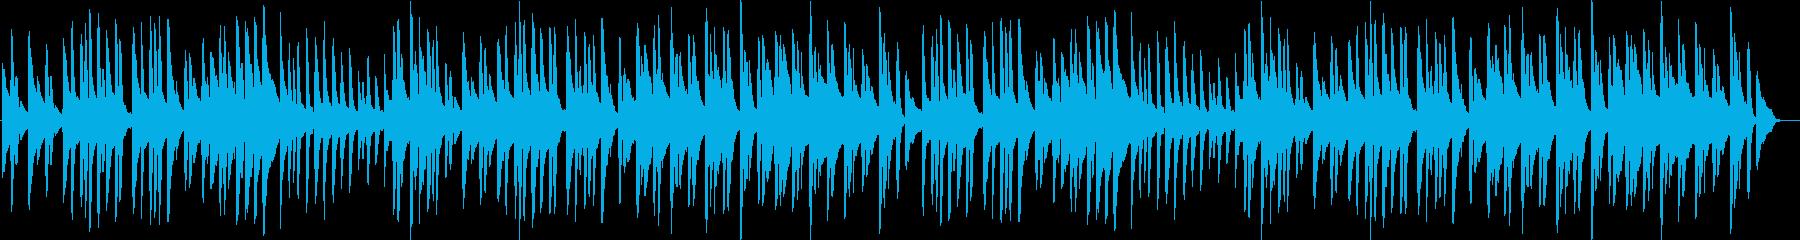 オリジナルの童謡風ピアノ曲ですの再生済みの波形